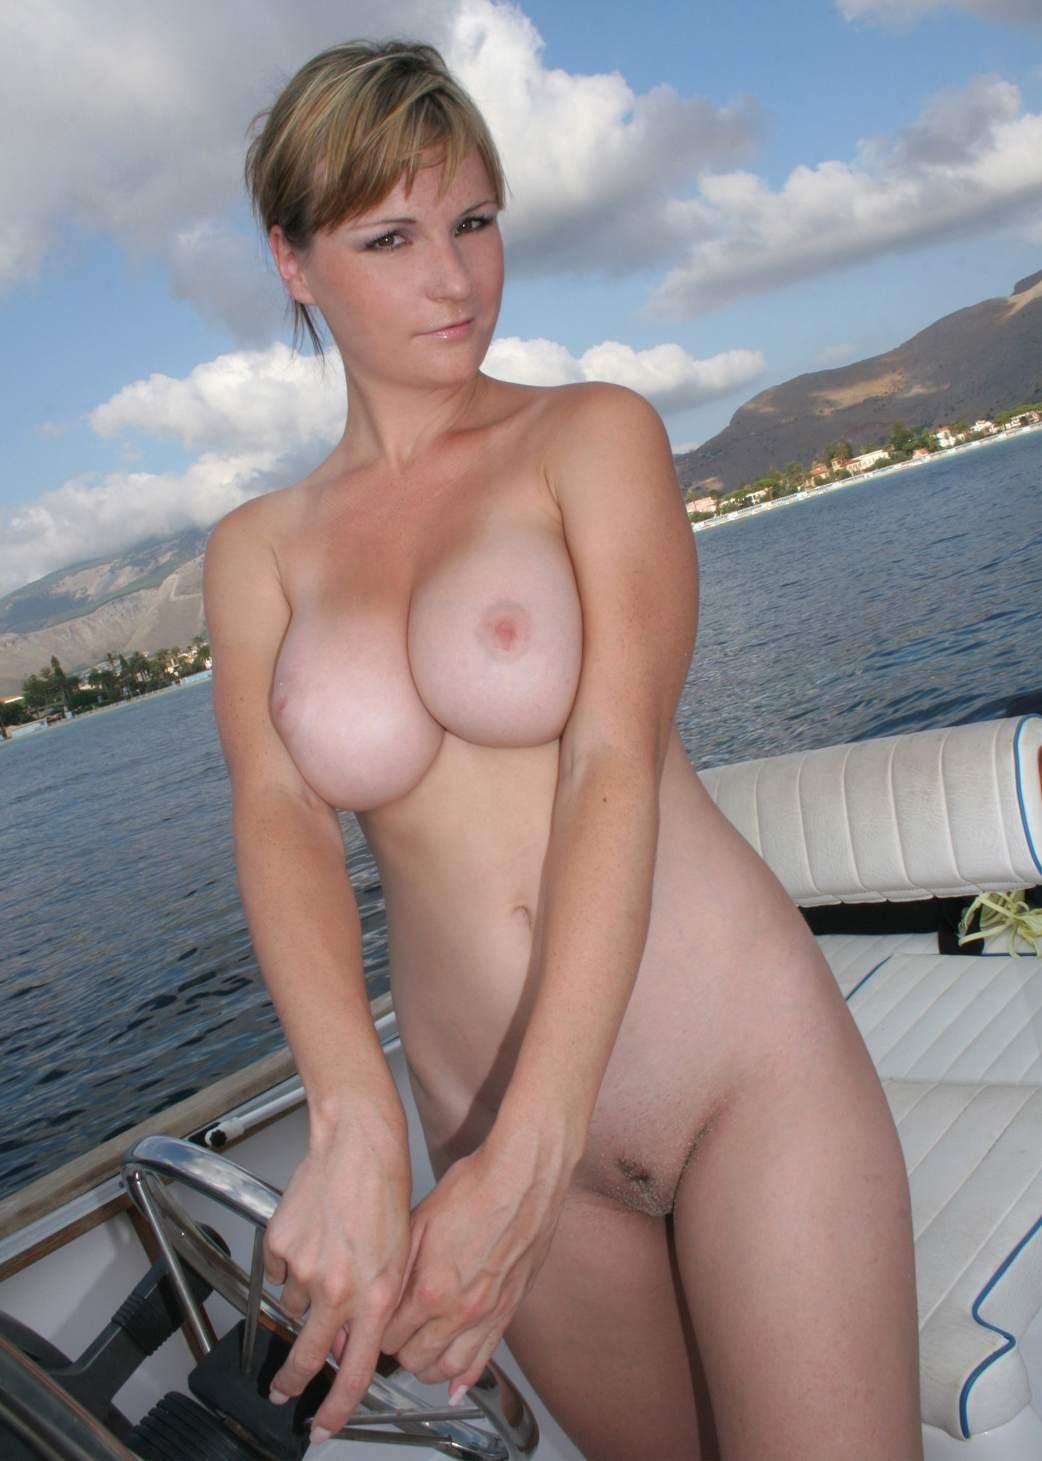 【外人】ヌーディストビーチで撮影された素人白人美女のパイパンまんこポルノ画像 274